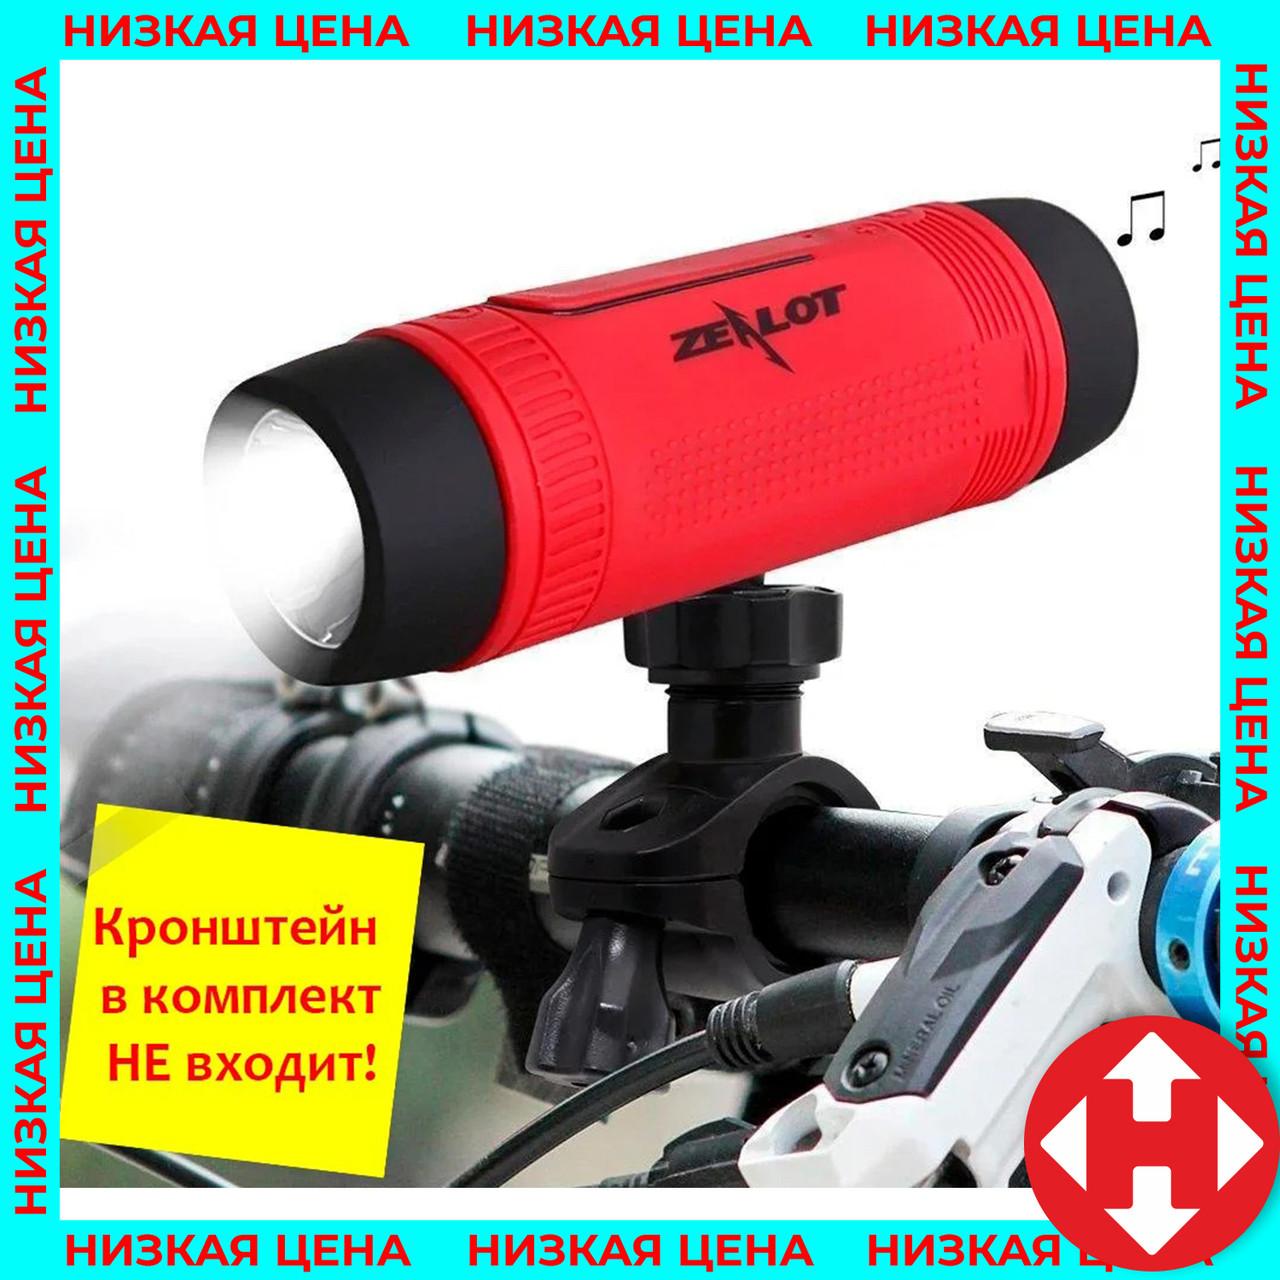 Bluetooth колонка-повербанк велосипедная - Zealot S1 Красная - портативная беспроводная с блютузом